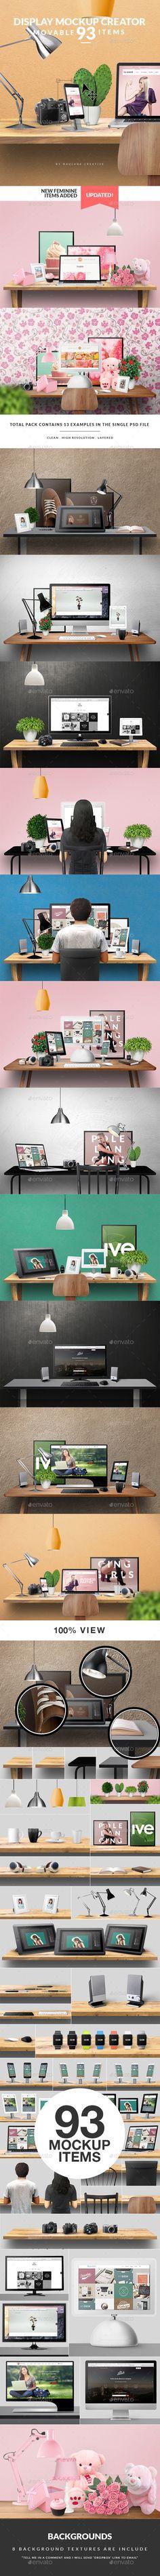 Display Mockup Creator #design Download: http://graphicriver.net/item/display-mockup-creator/10005907?ref=ksioks